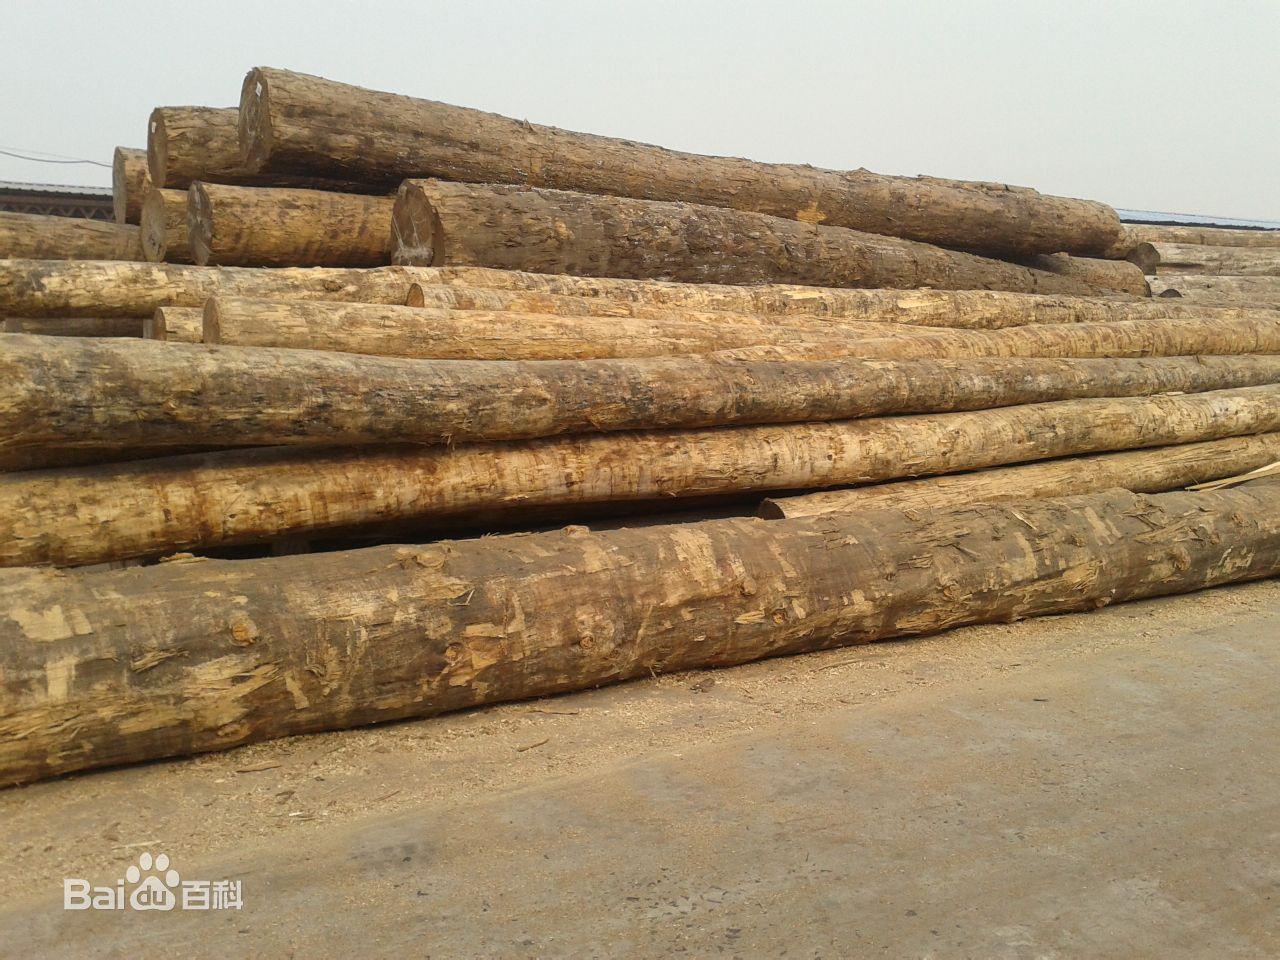 巴中南边松工程_南边松深度碳化木相干-武侯区木林源木业运营部